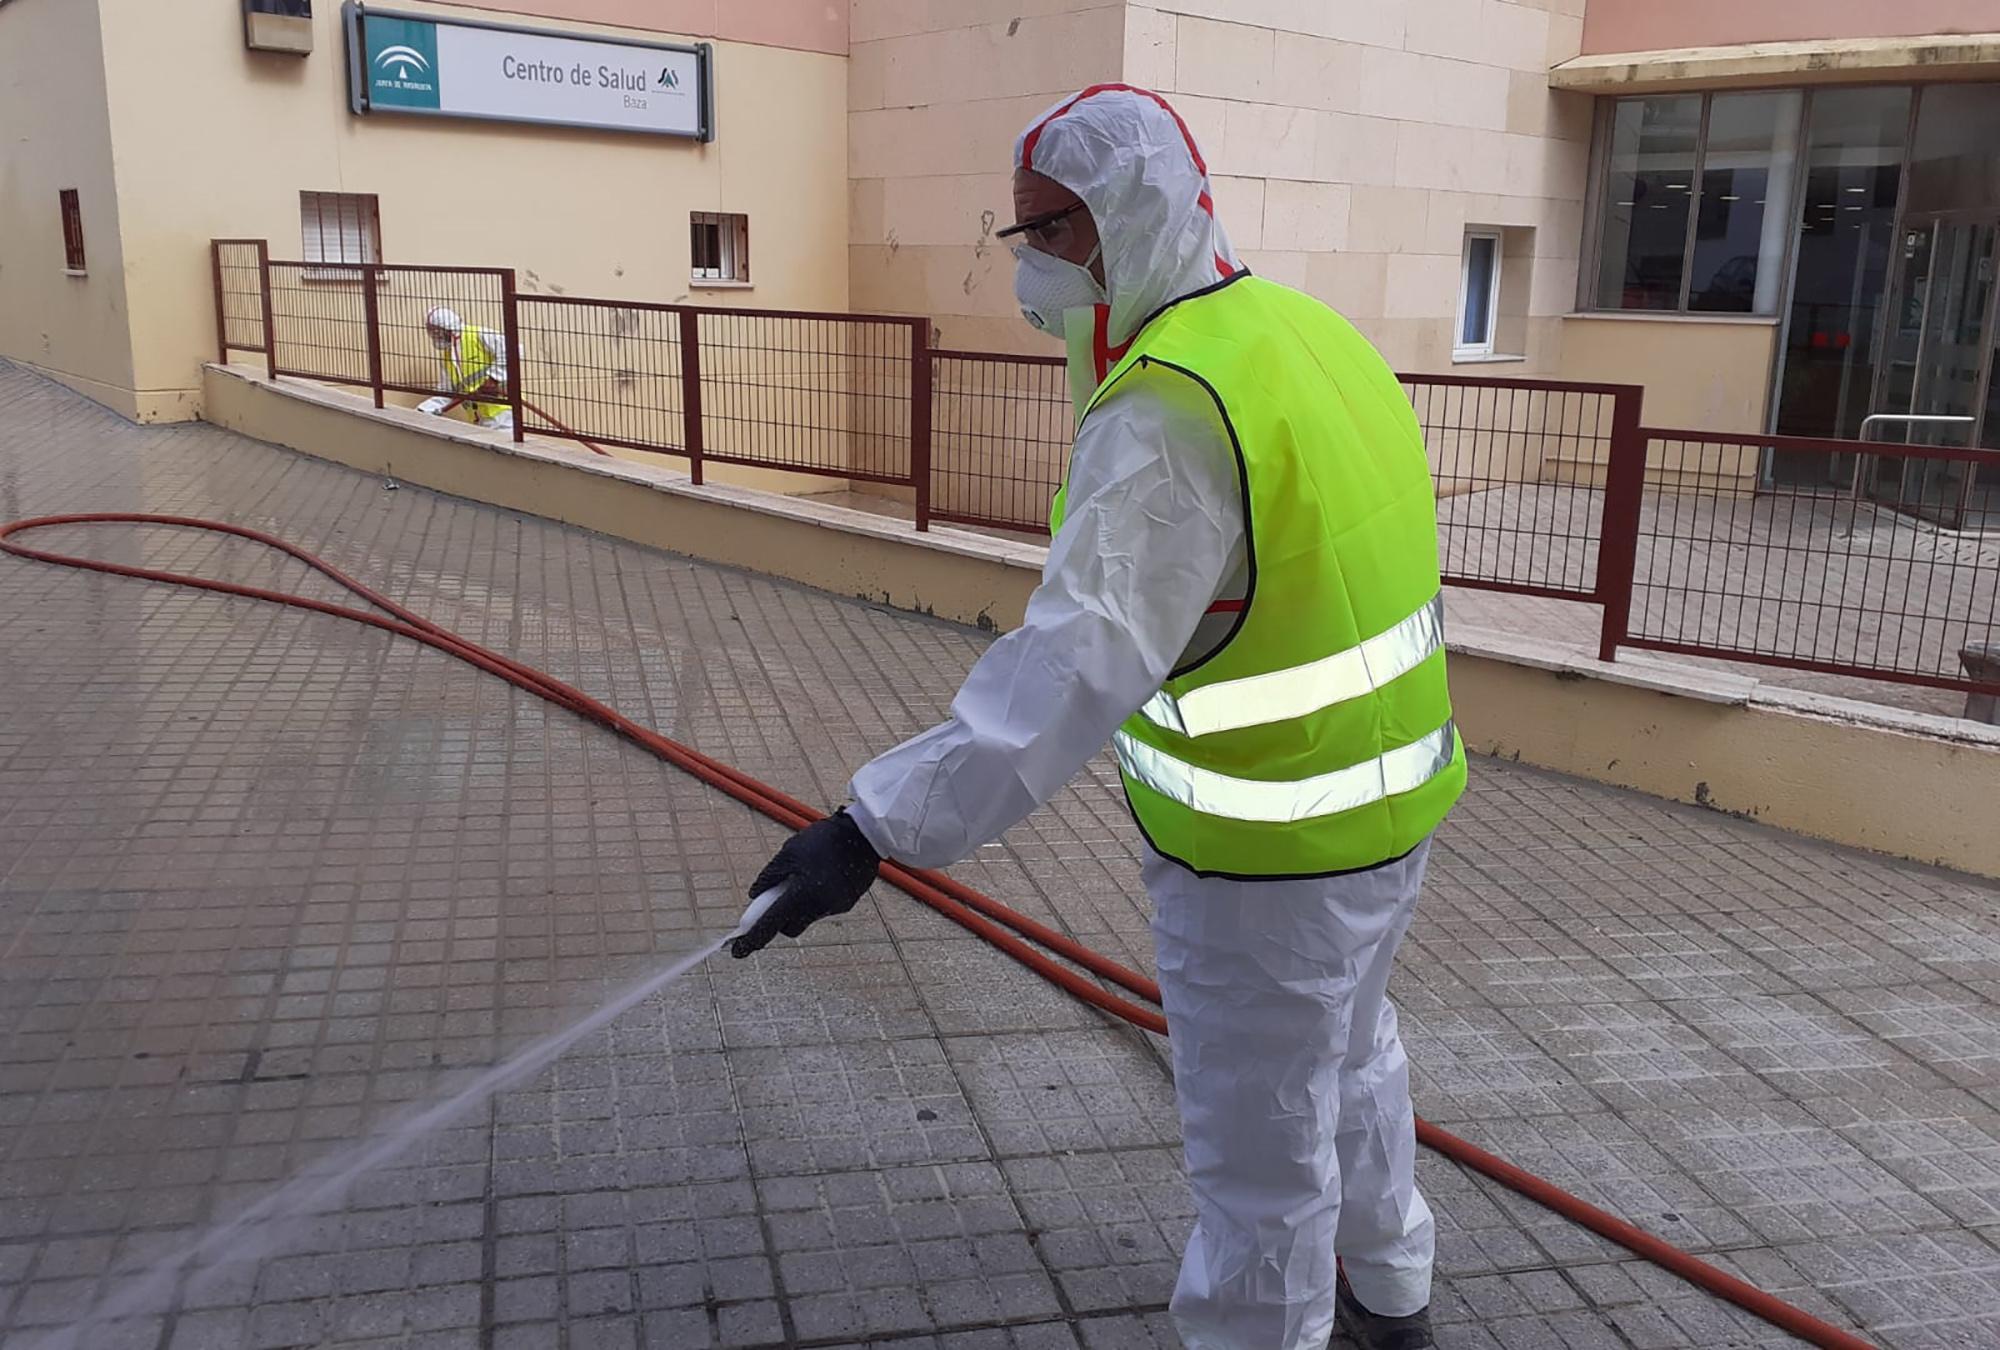 Limpieza y desinfección en los espacios con más tránsito de personas